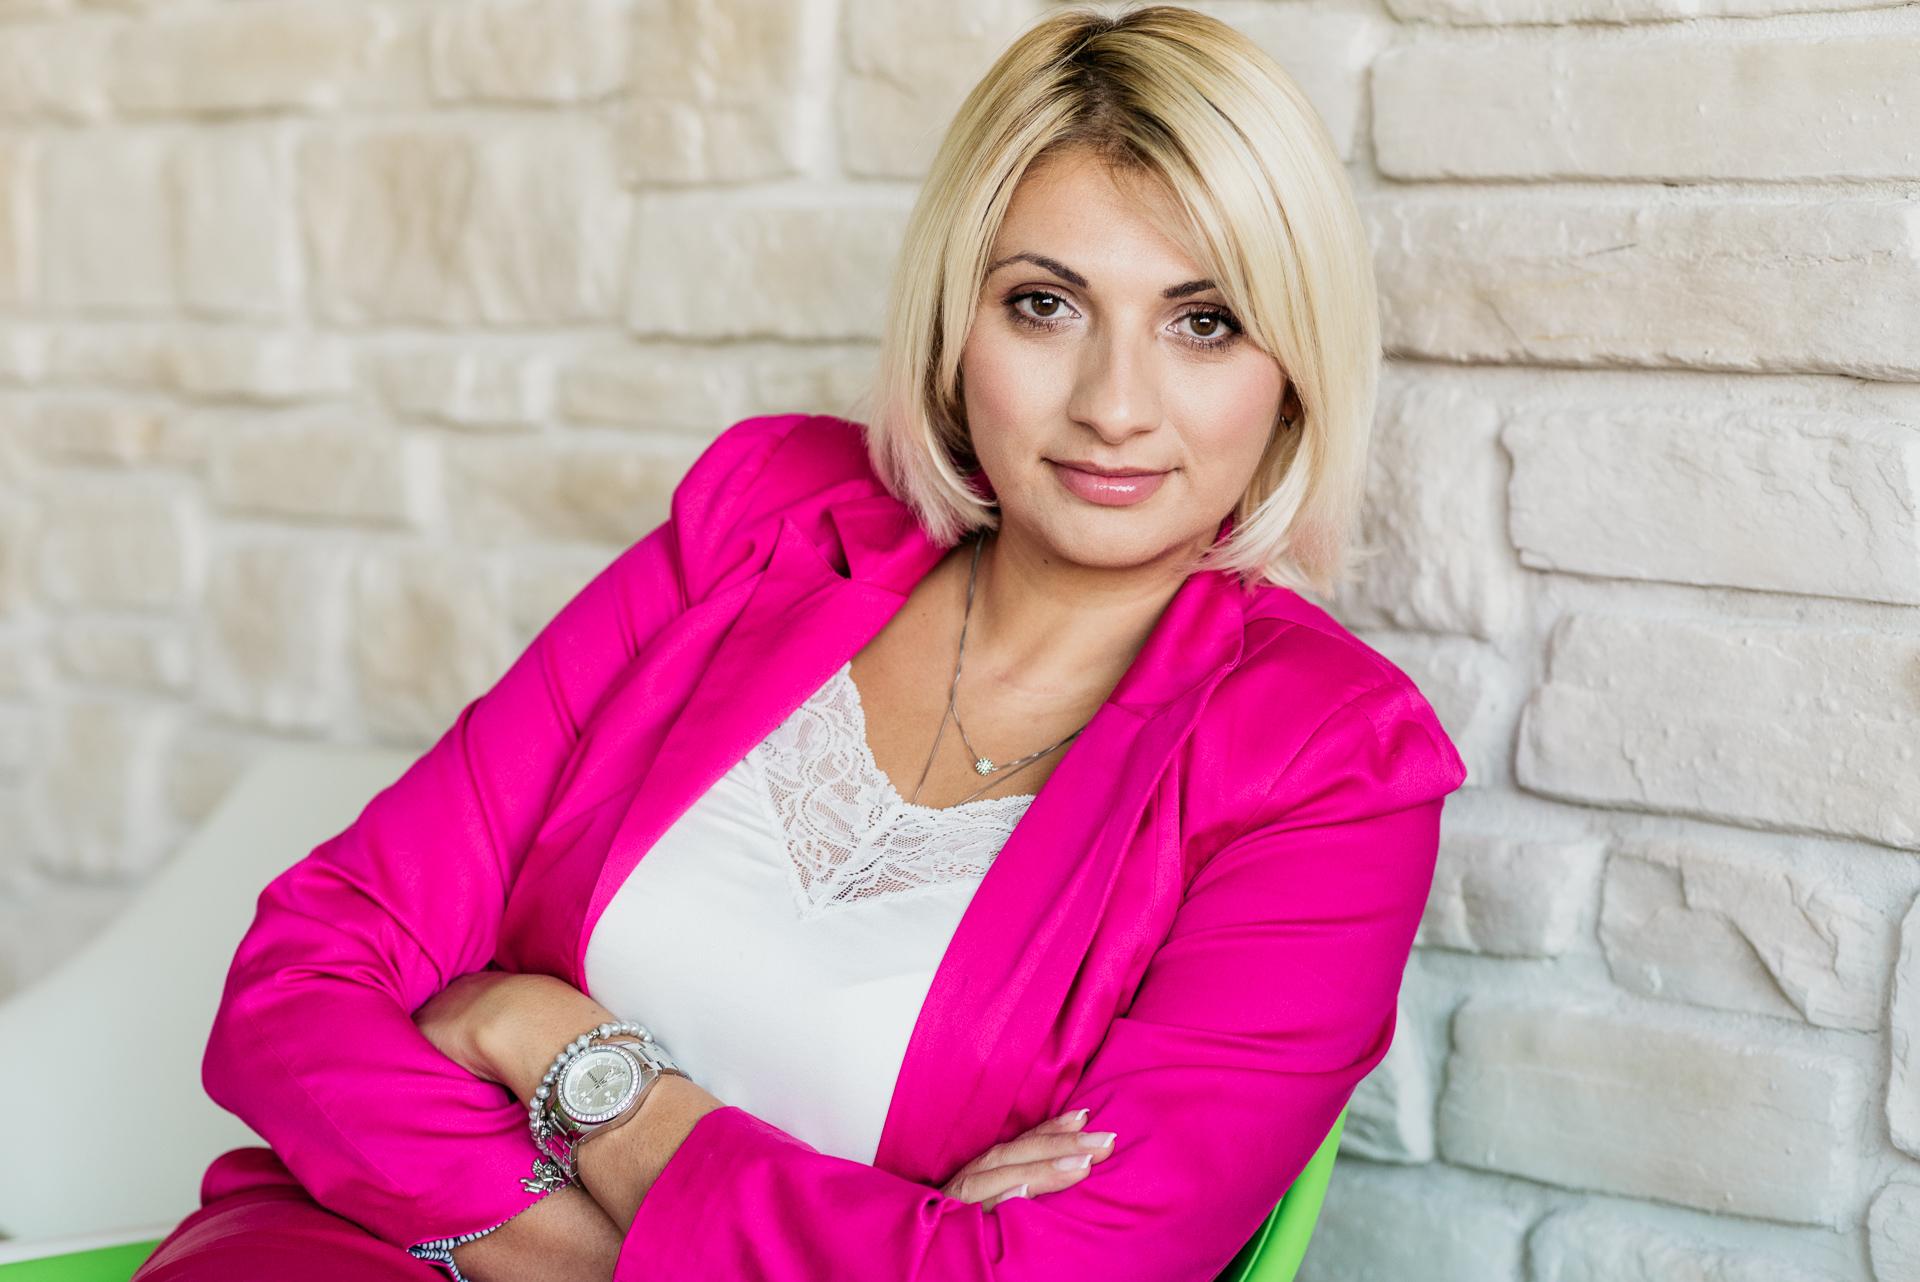 Melita Manojlović – Croacia Líder de Vida Y de Negocios, Coach y PNL ... - Croacia Semana (comunicado de prensa) (blog) 1